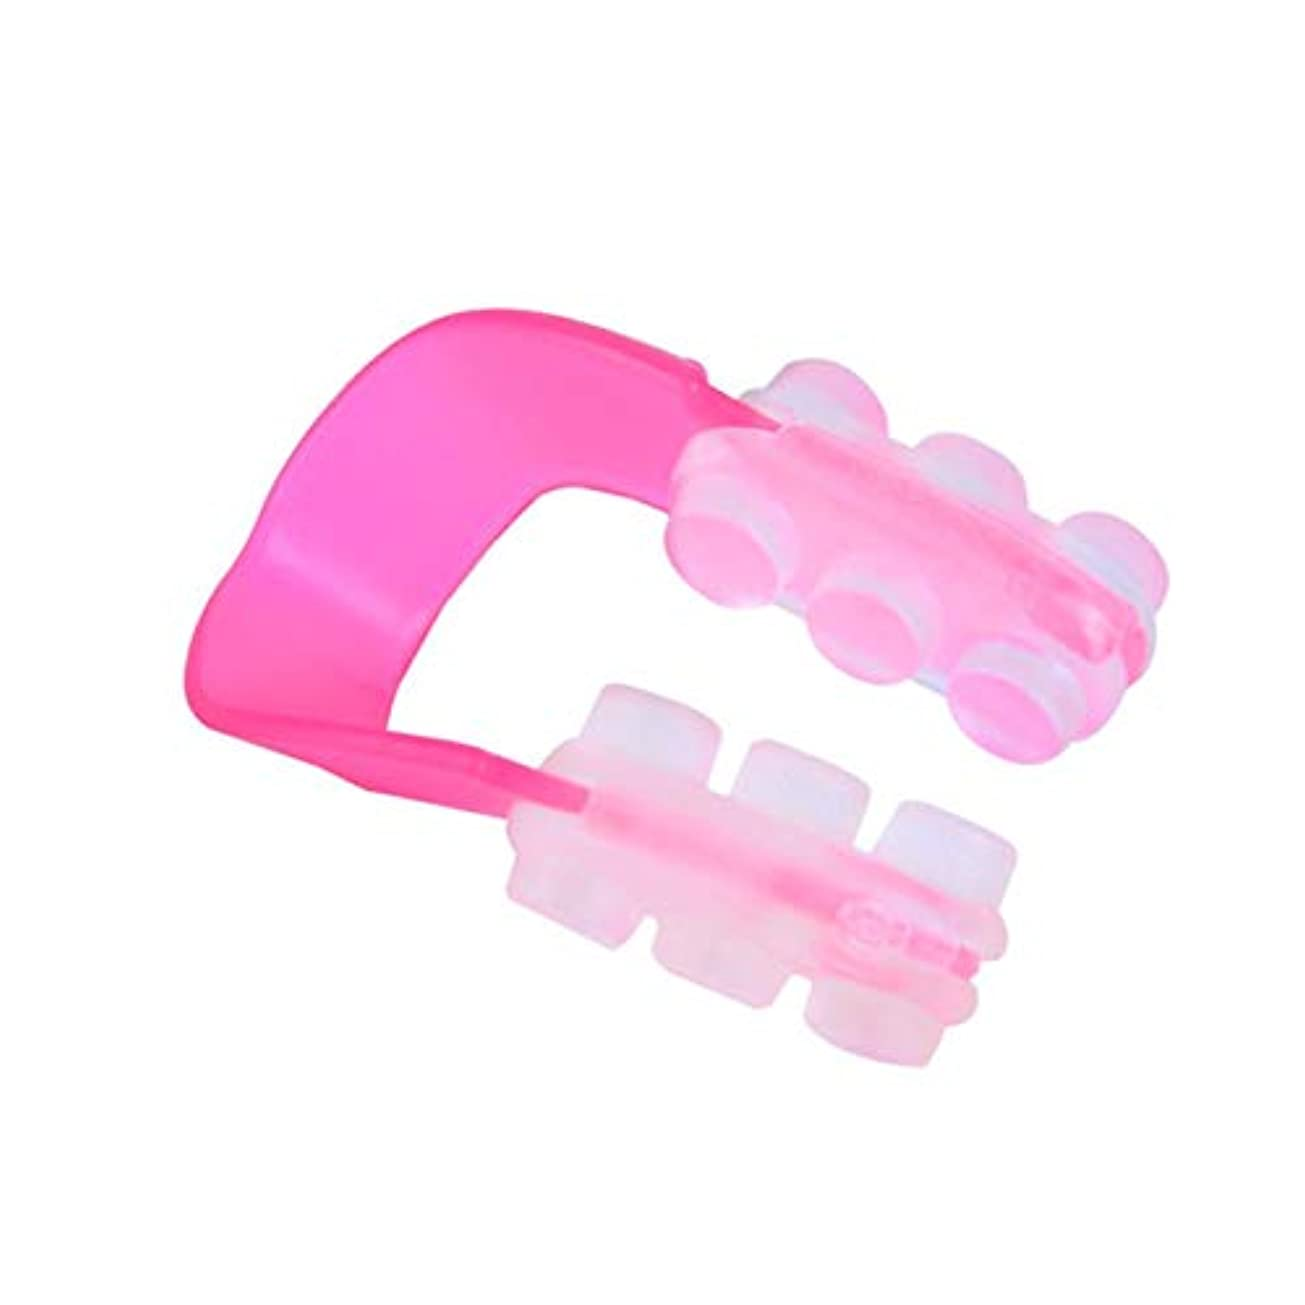 厚い寝るタイプライターHAMILO ノーズクリップ 美容グッズ 矯正クリップ 鼻を高く 鼻に挟む ノーズアップ 挟むだけ (5個セット)